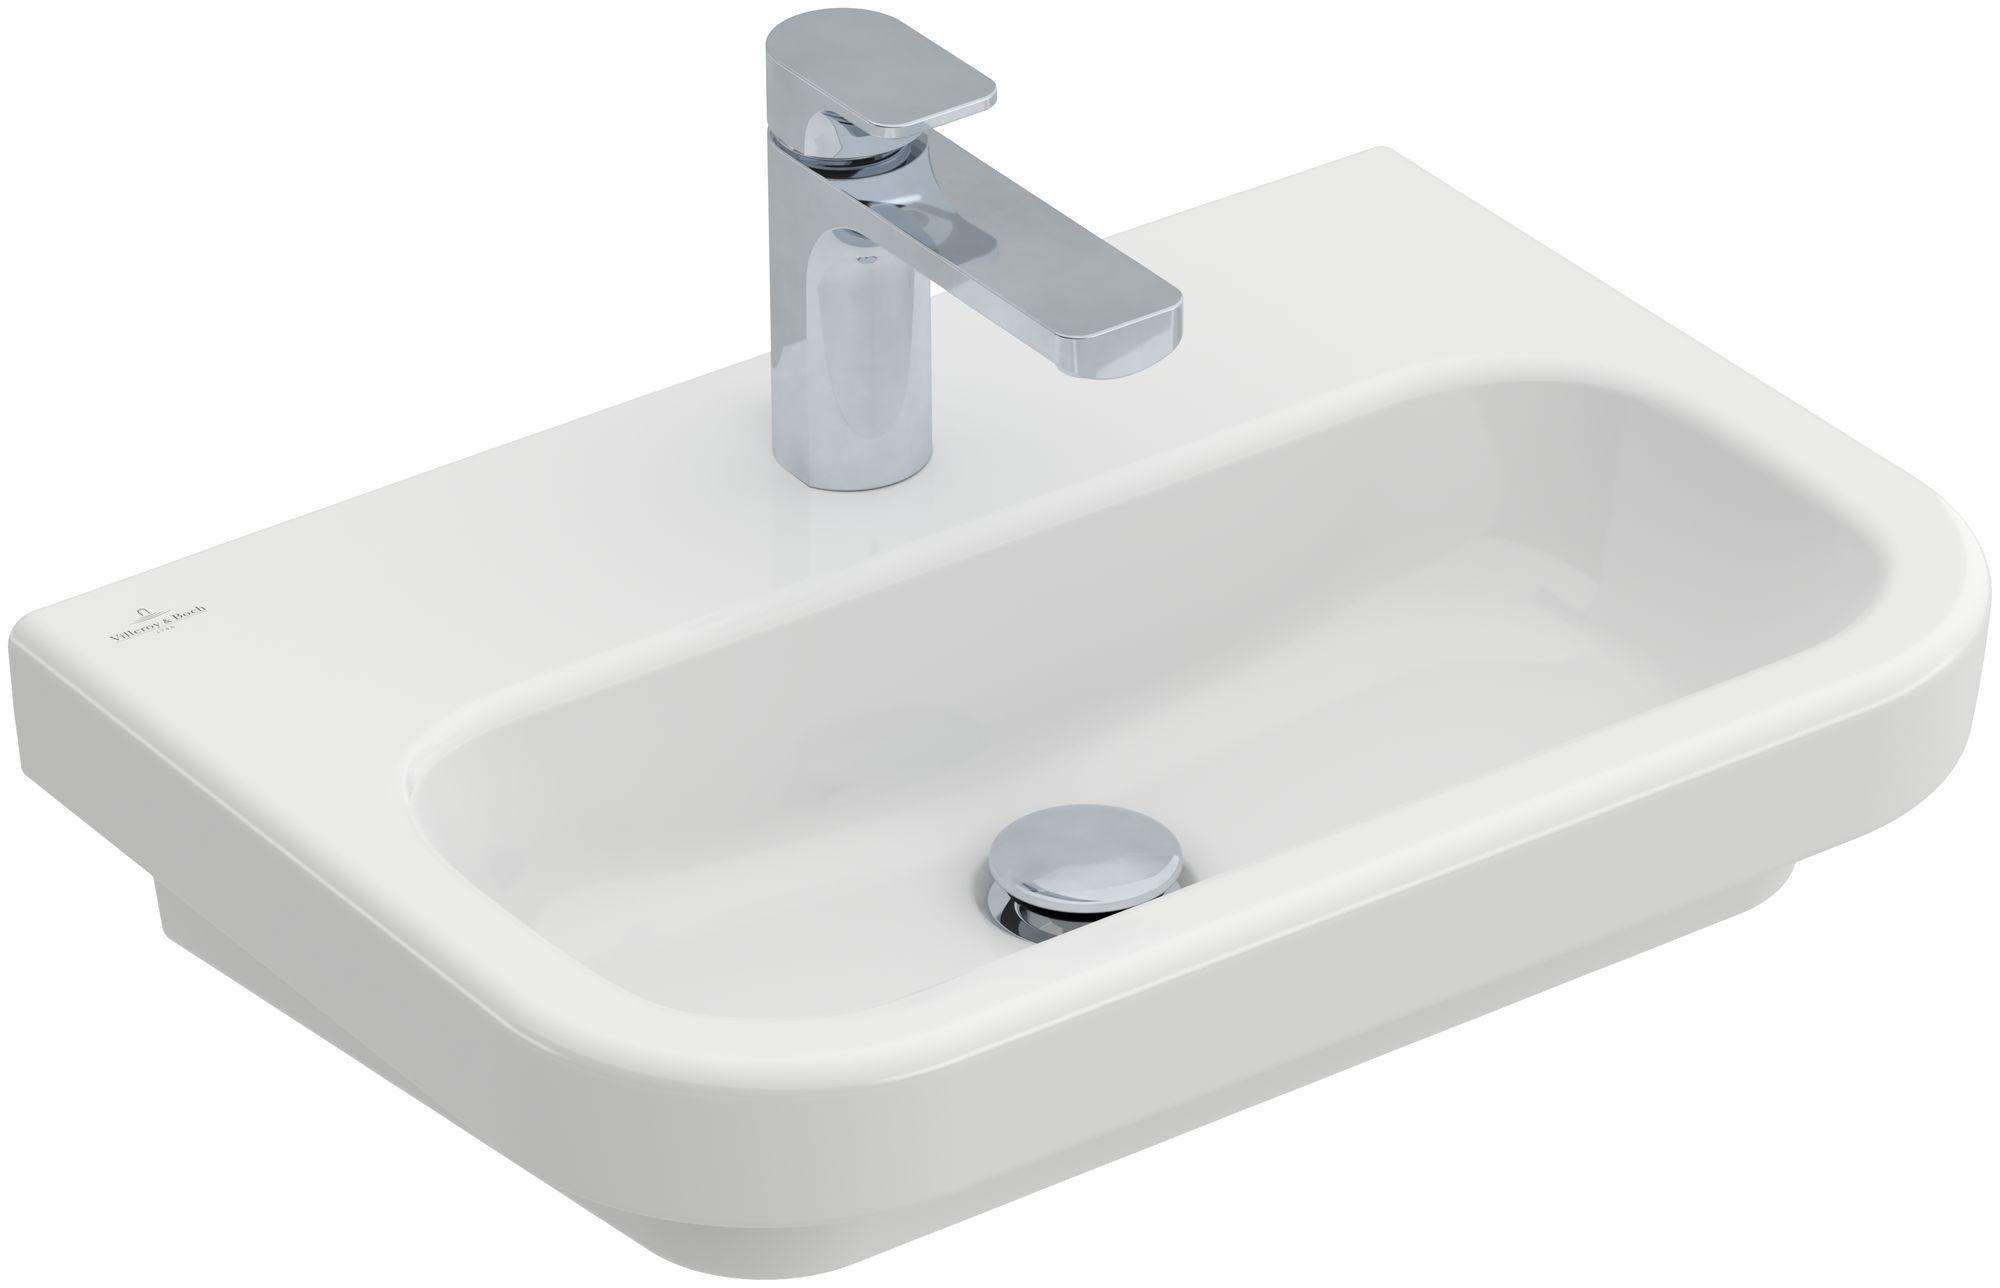 Villeroy & Boch Architectura Compact Waschtisch B:55xT:38cm mit 1 Hahnloch ohne Überlauf weiß mit CeramicPlus 418956R1